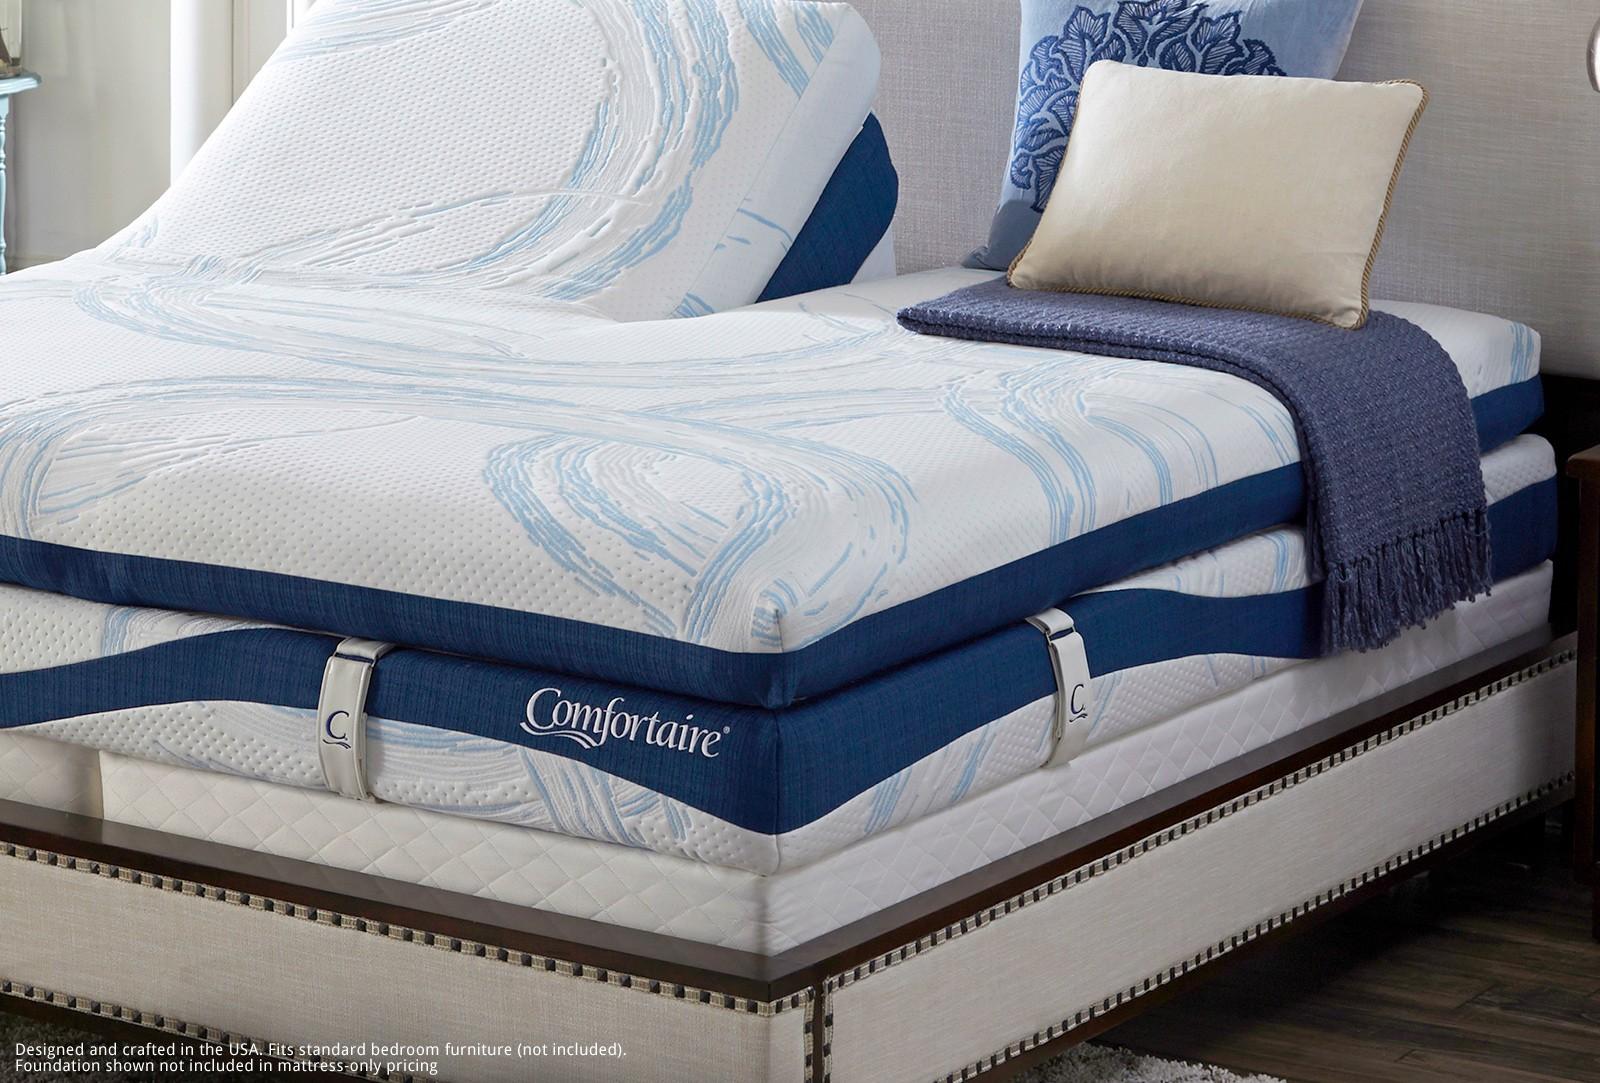 U15 Solstice Split Top Air Bed by Comfortaire  Sleepworks